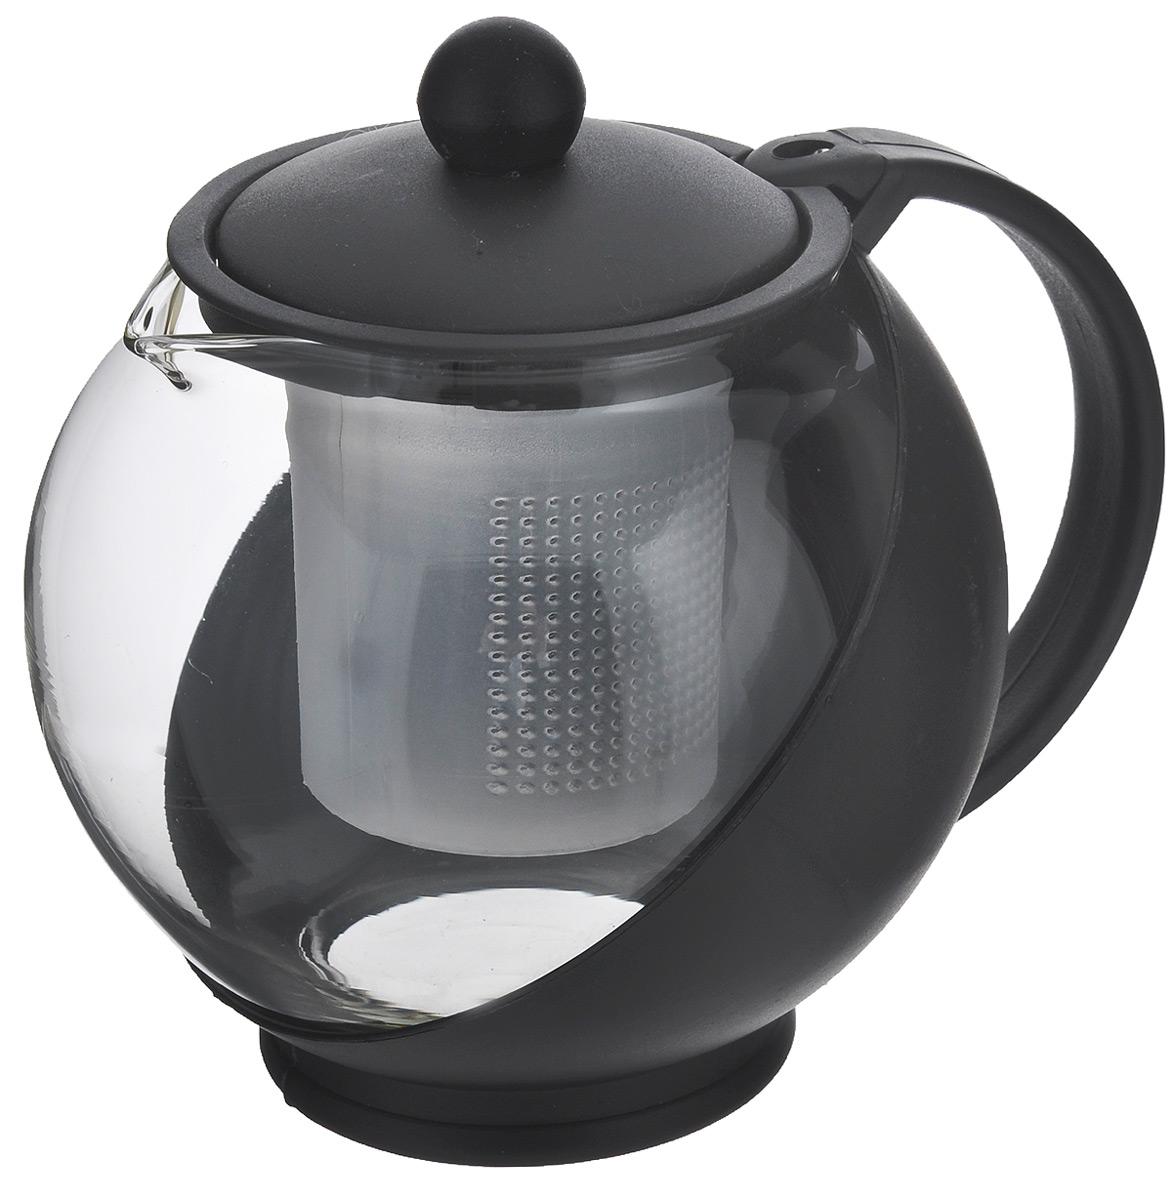 Чайник заварочный Miolla, с фильтром, цвет: черный, прозрачный, 750 мл. DHA021P/ADHA021P/AЗаварочный чайник Miolla изготовлен из жаропрочного стекла и термостойкого пластика. Чай в таком чайнике дольше остается горячим, а полезные и ароматические вещества полностью сохраняются в напитке. Чайник оснащен фильтром и крышкой. Простой и удобный чайник поможет вам приготовить крепкий, ароматный чай. Нельзя мыть в посудомоечной машине. Не использовать в микроволновой печи. Диаметр чайника (по верхнему краю): 7 см. Высота чайника (без учета крышки): 11,5 см. Высота фильтра: 7,5 см.